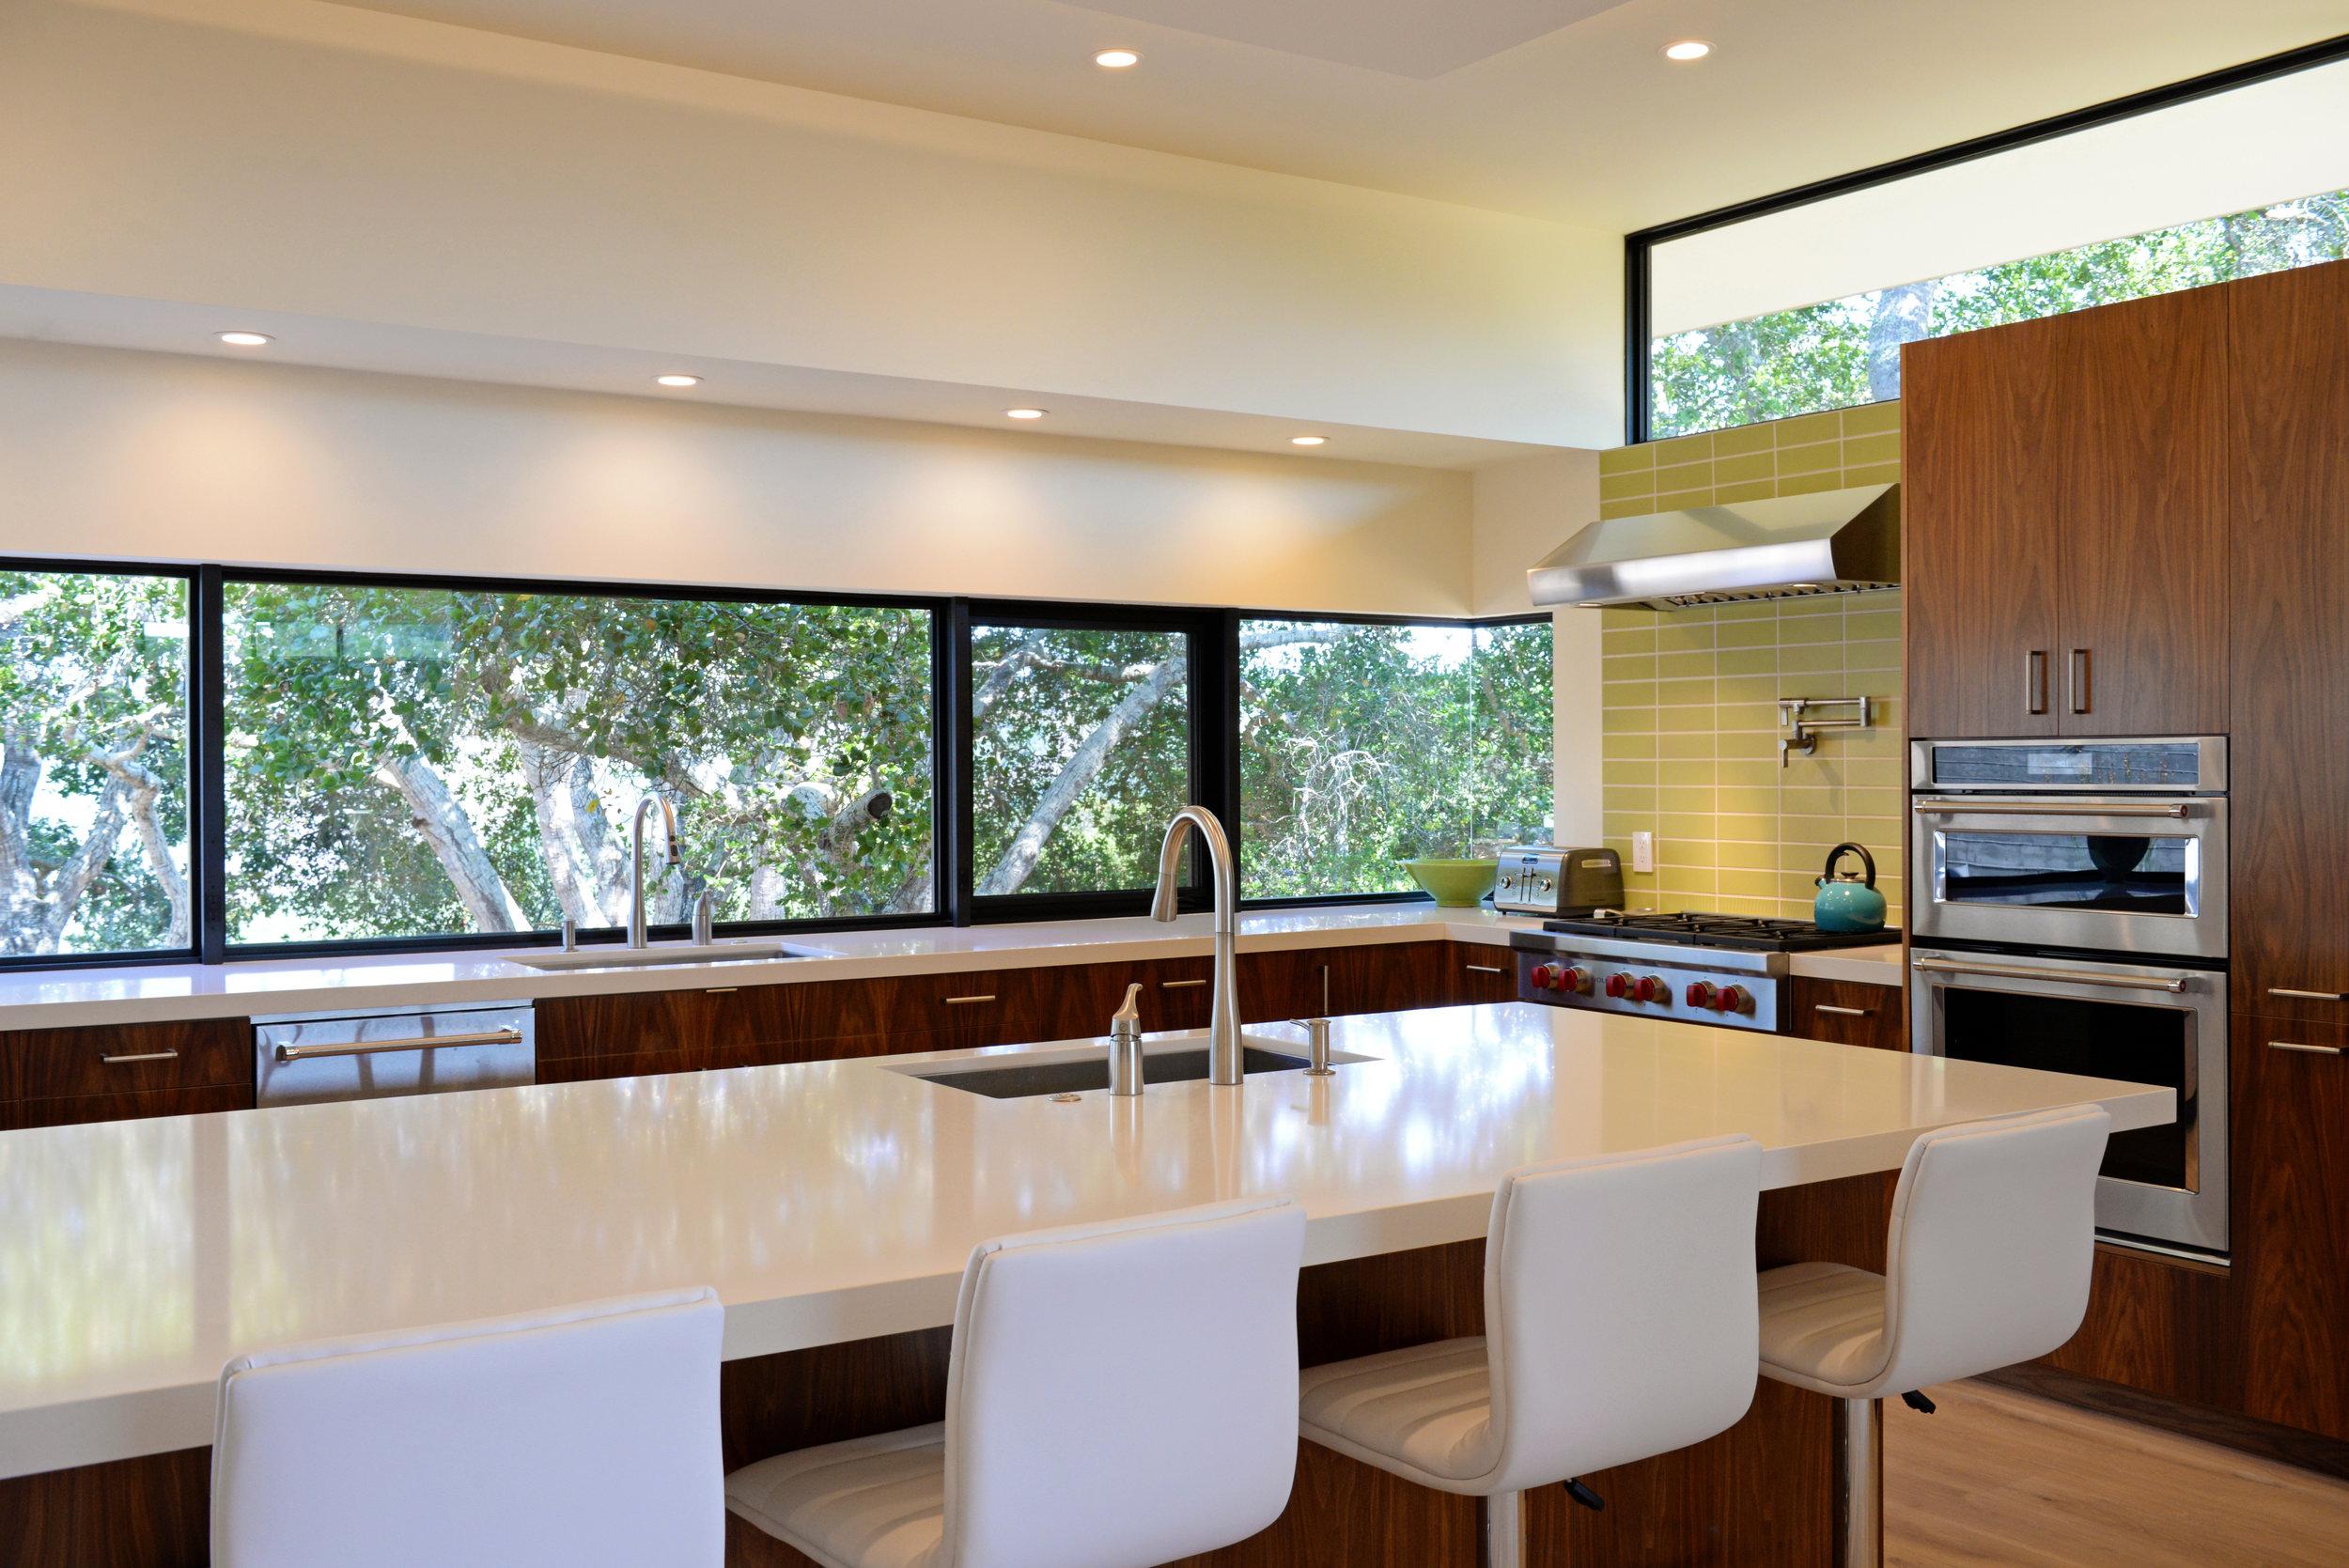 Kitchen_28.jpg